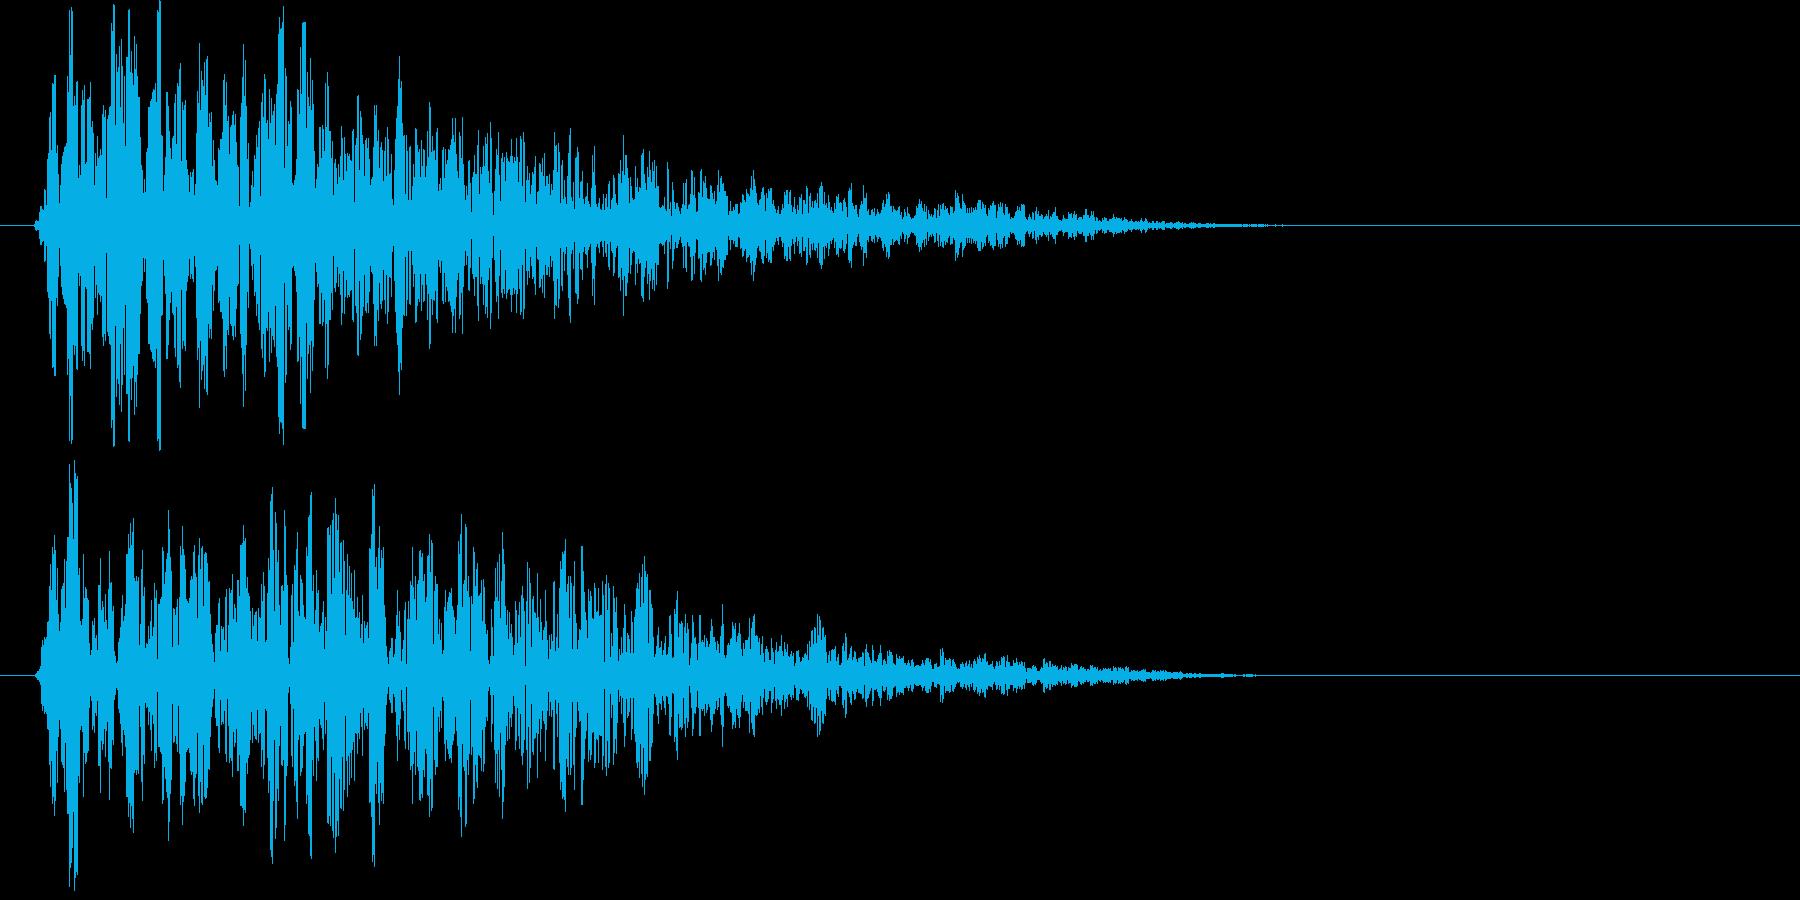 ホォォオオー(荒廃した街に吹く風)の再生済みの波形